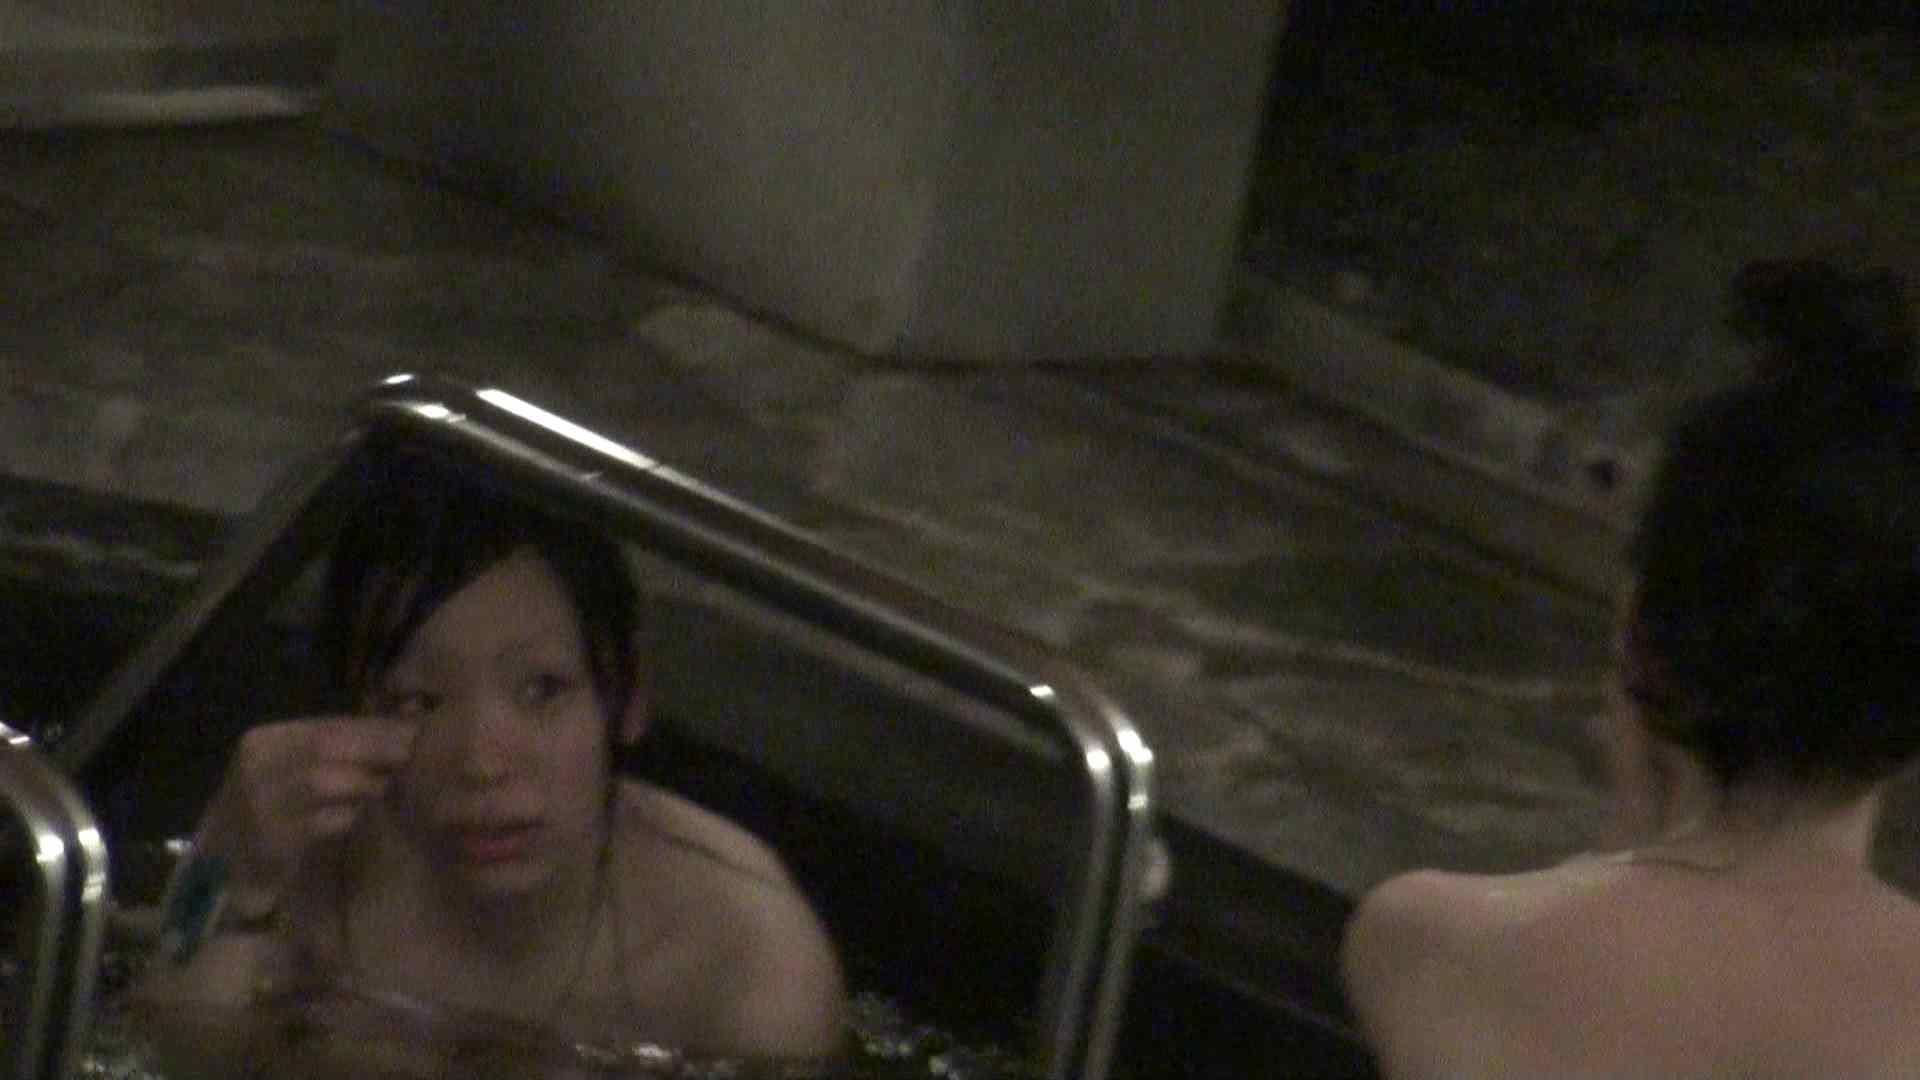 Aquaな露天風呂Vol.383 盗撮  103画像 15